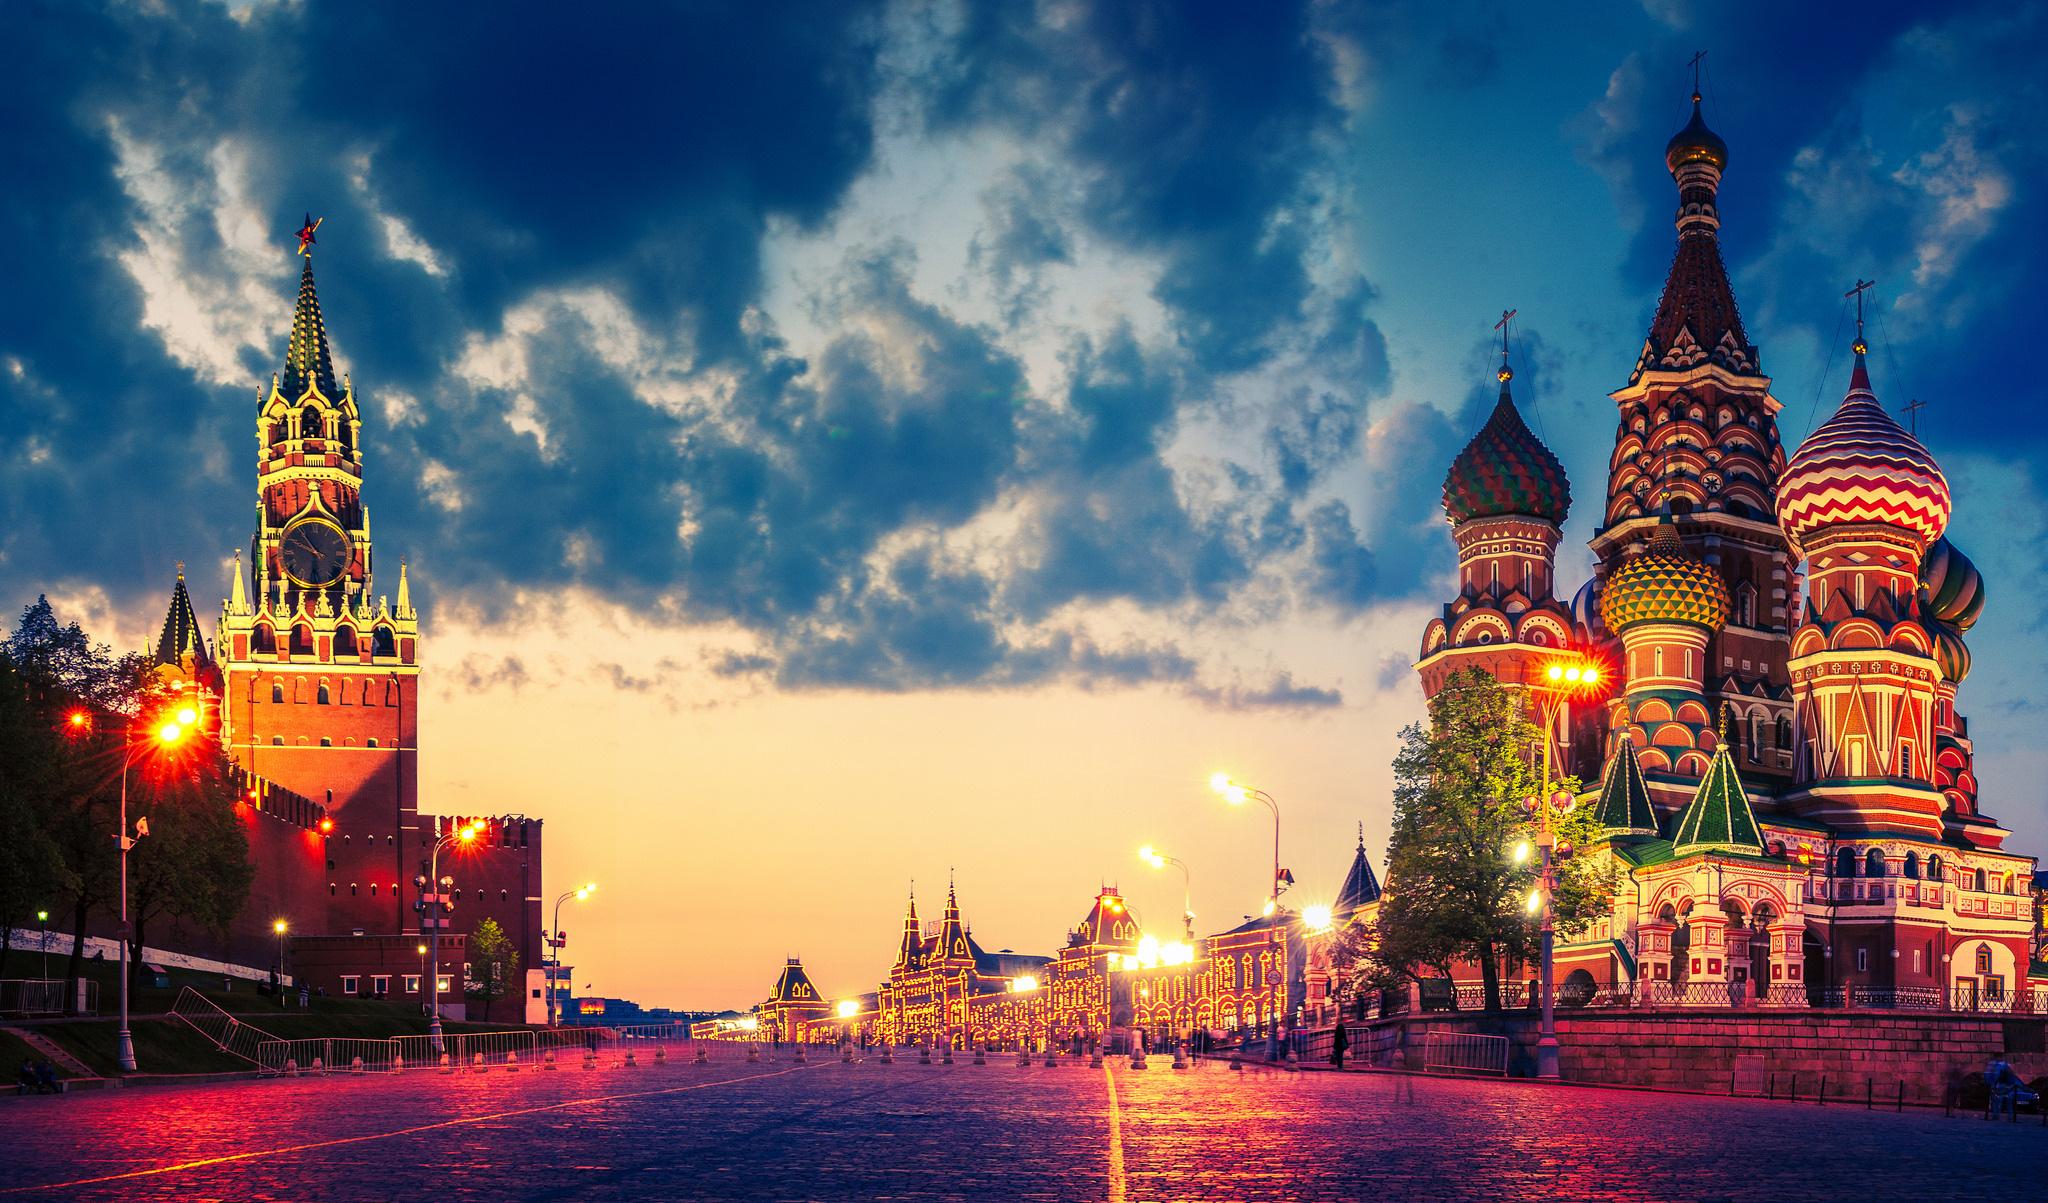 تور روسیه ( 3 شب مسکو + 4 شب سن پترزبورگ ) از اصفهان